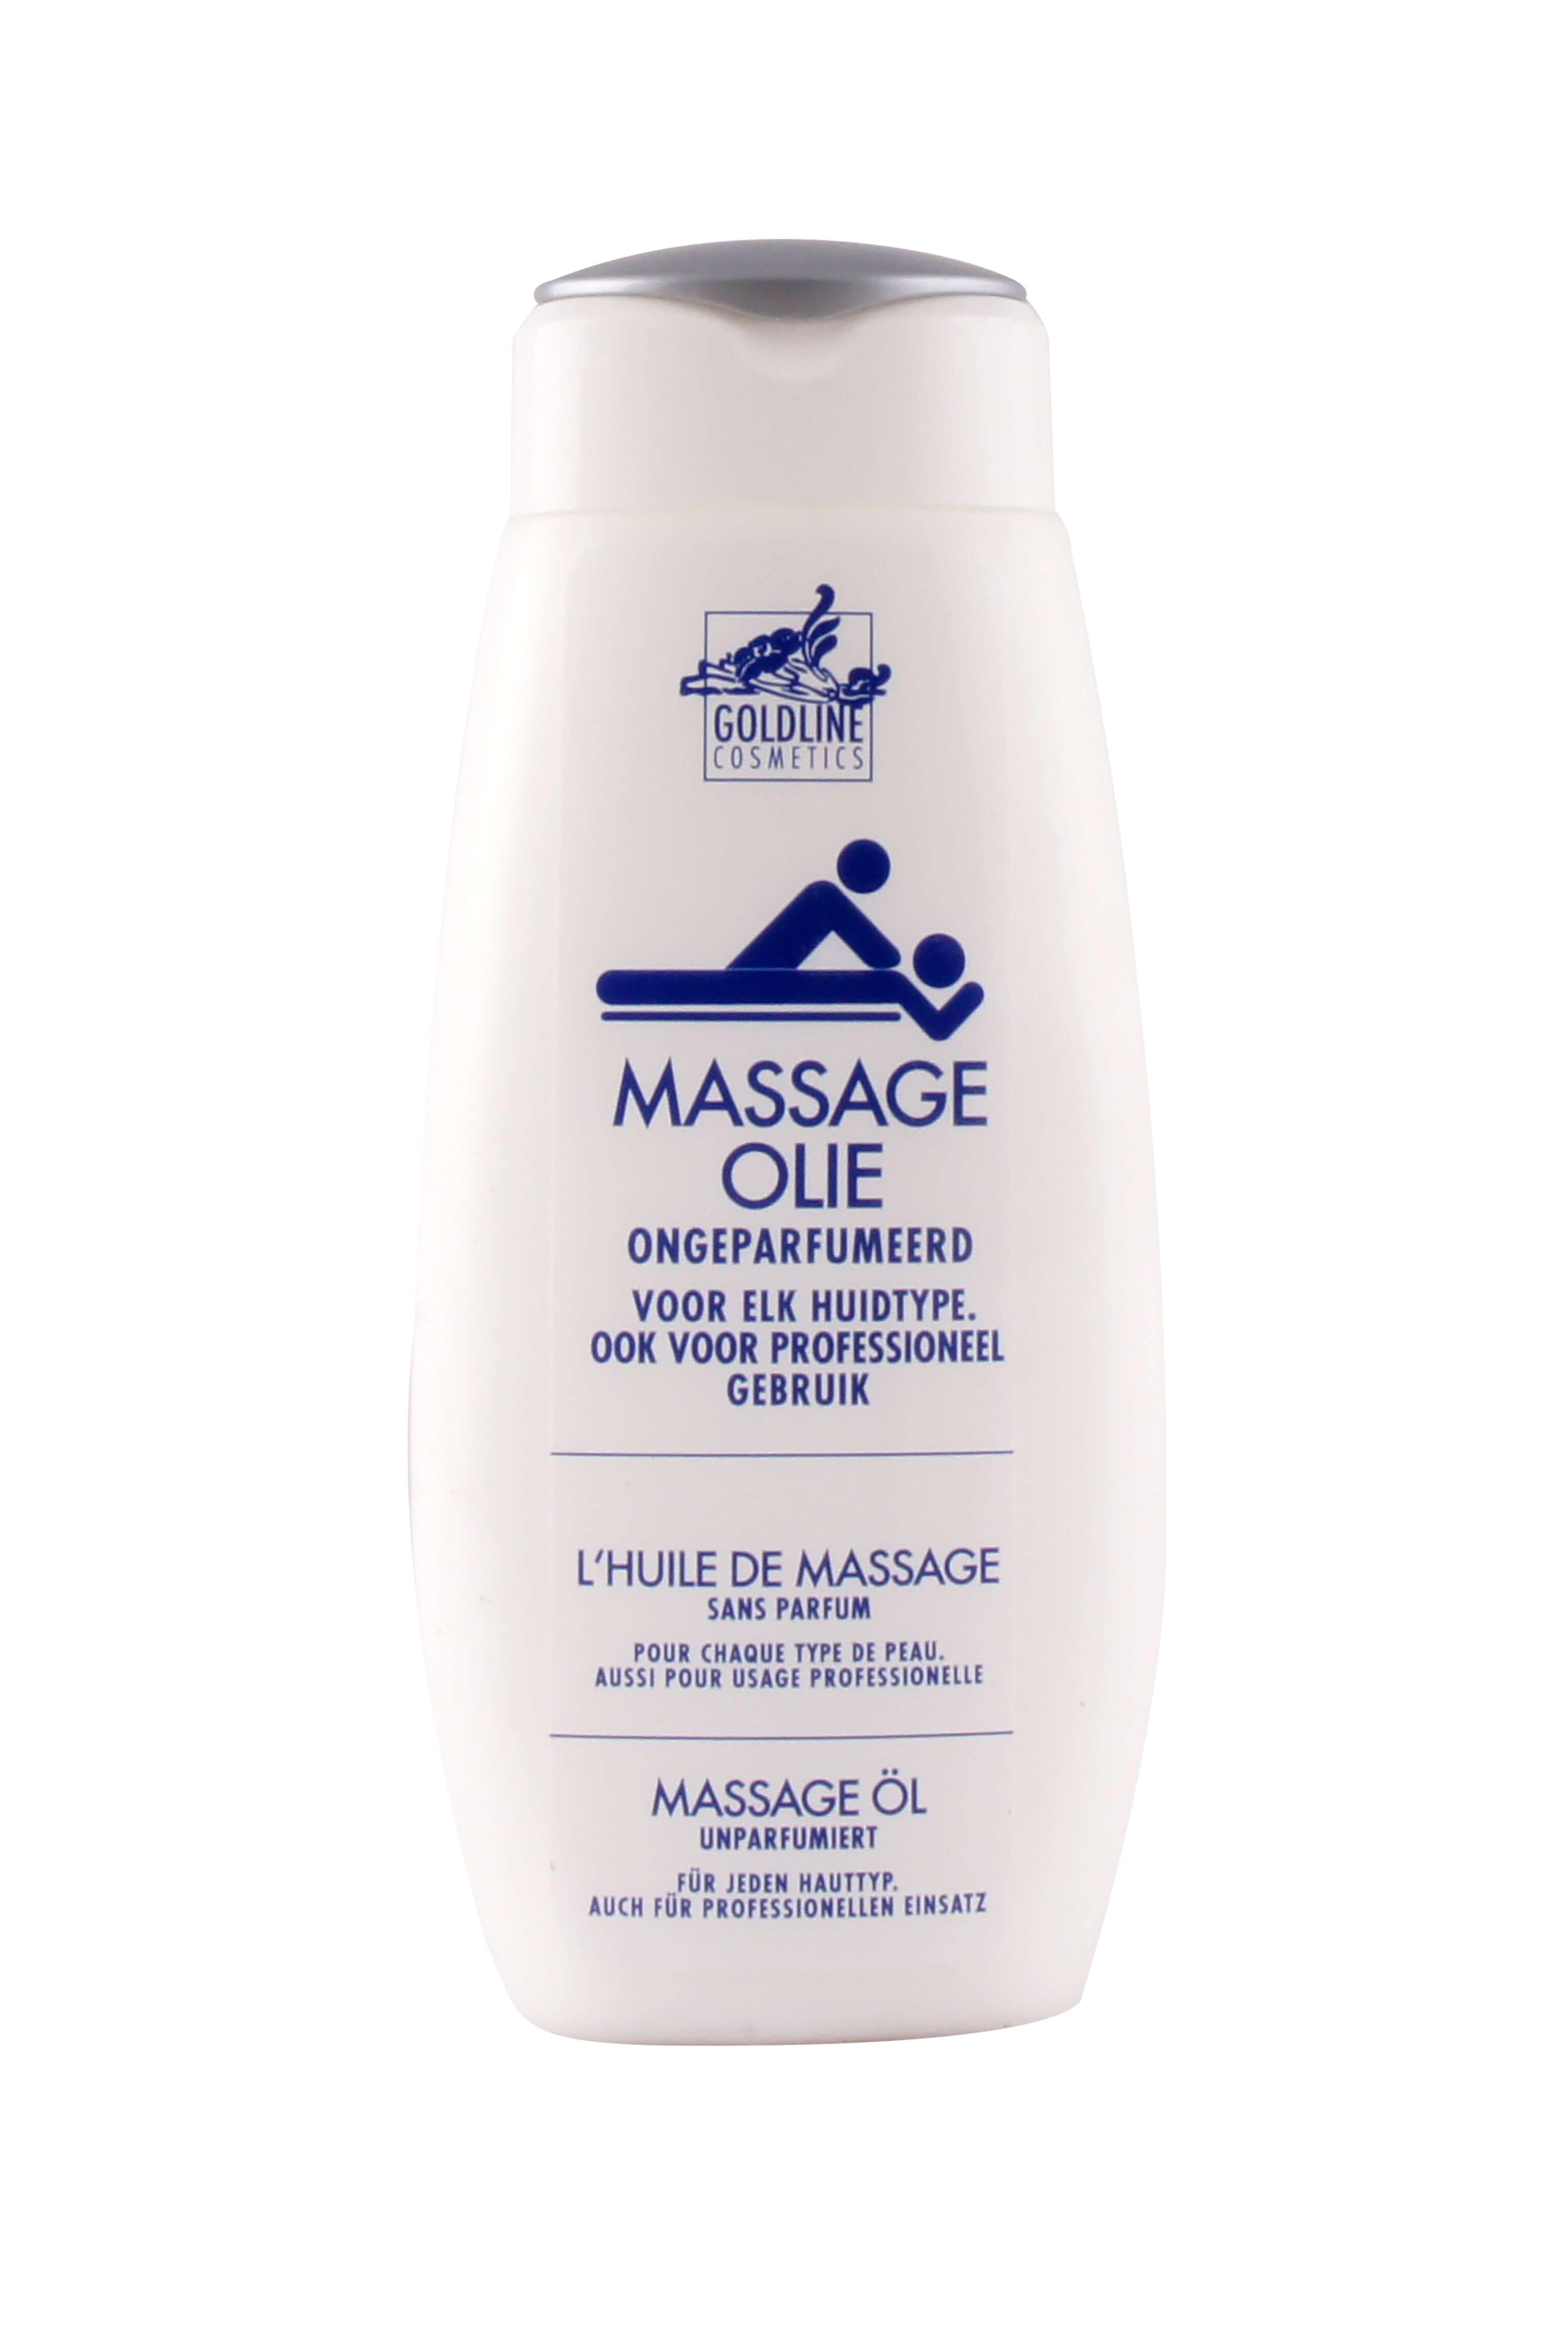 Goldline Massage Olie, 300 ml